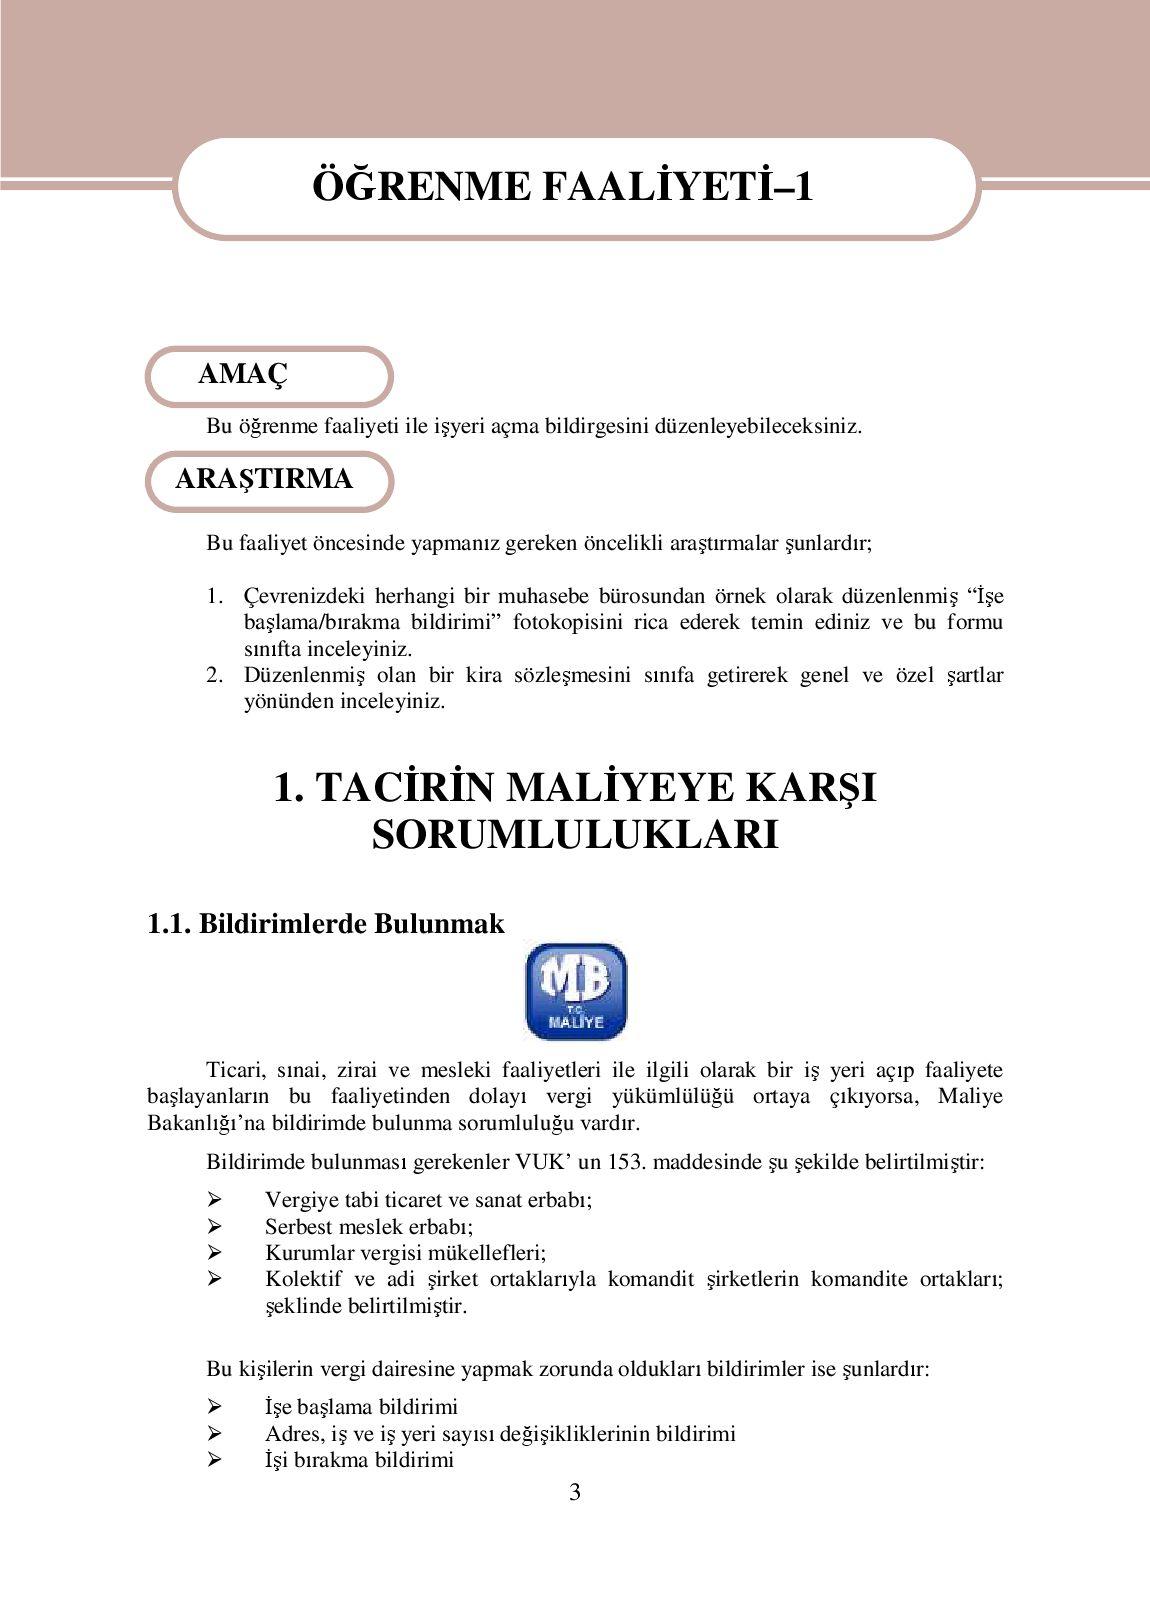 Vergi bildirimi (örnek)